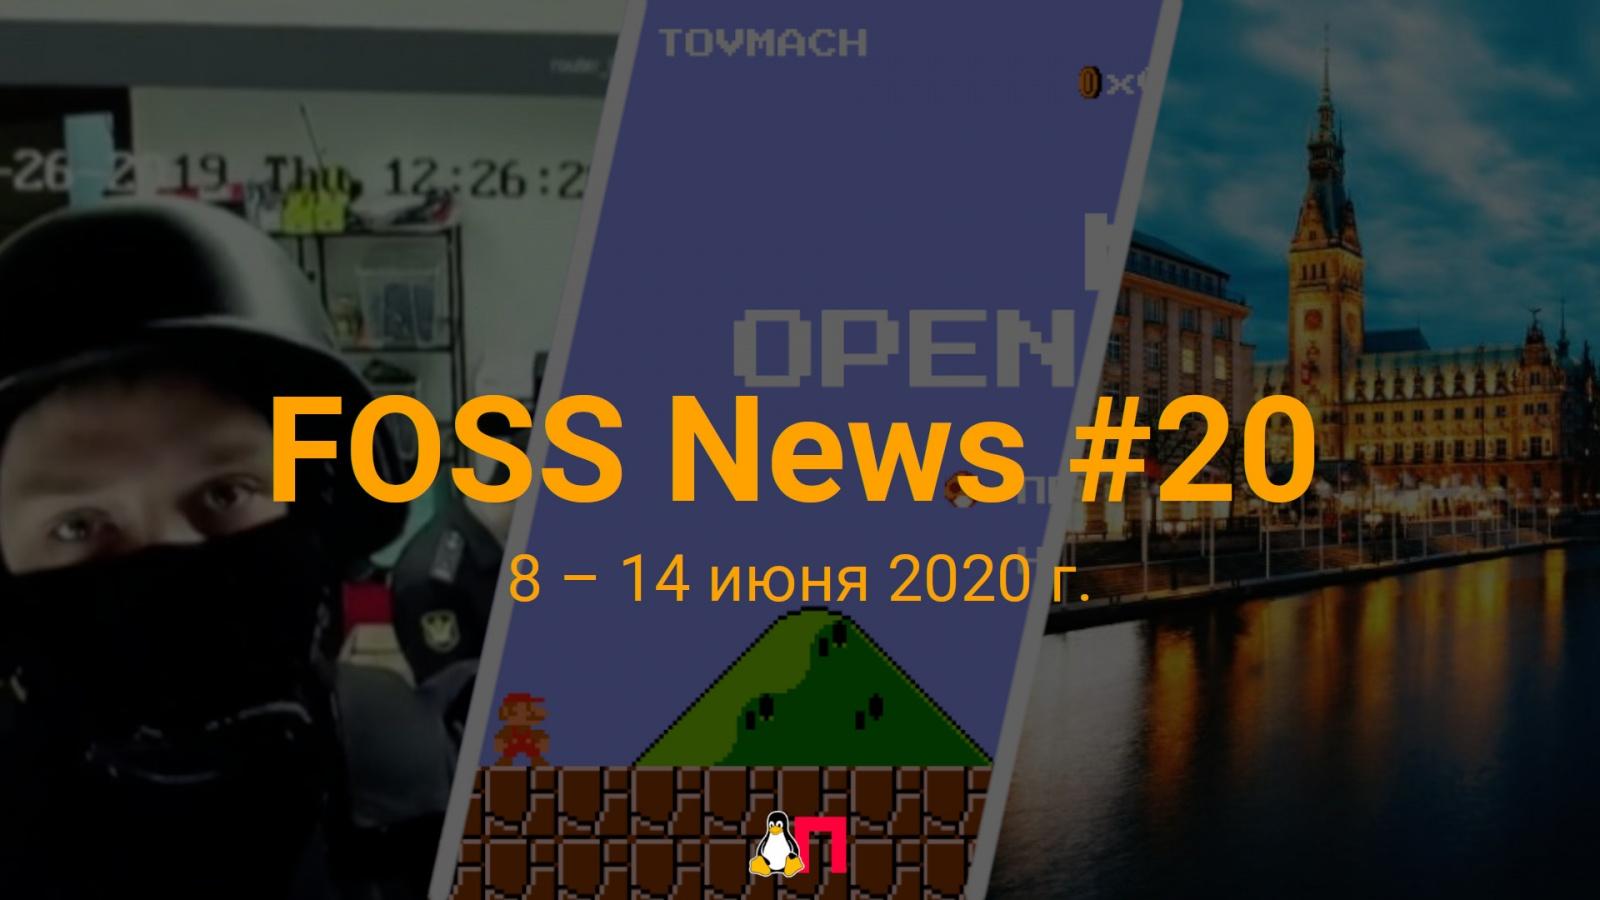 FOSS News №20 – обзор новостей свободного и открытого ПО за 8-14 июня 2020 года - 1